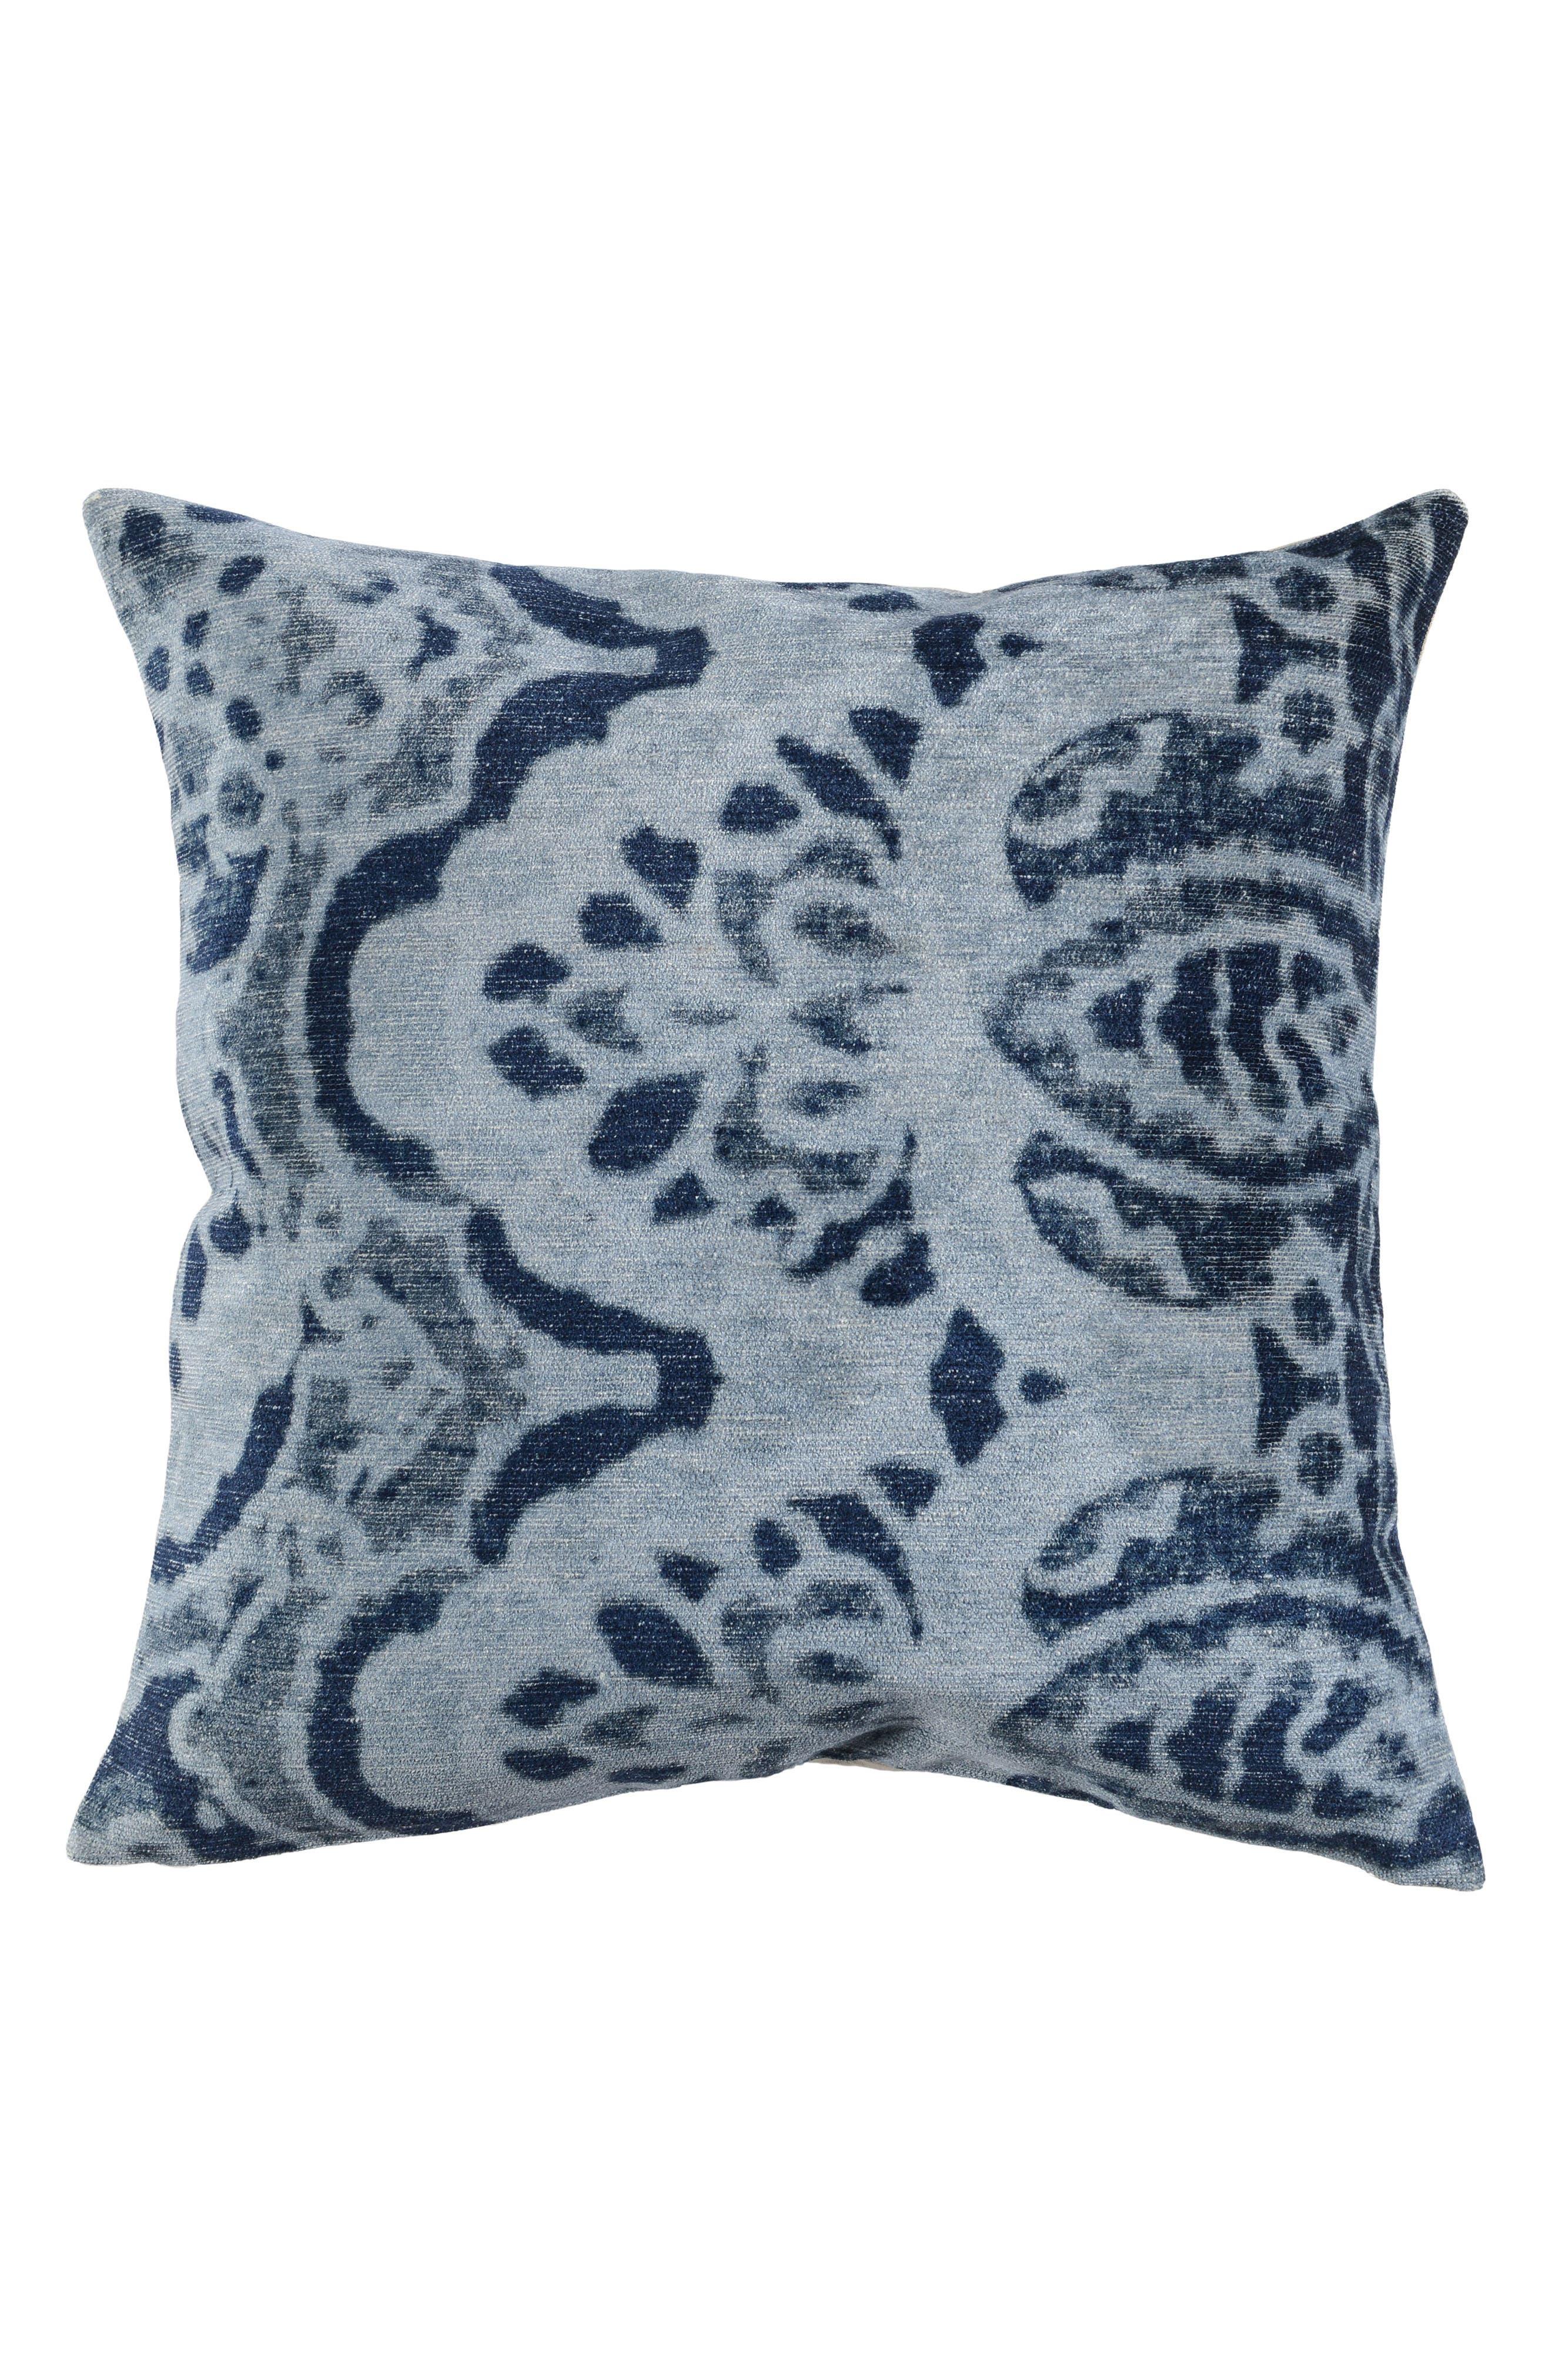 Luna Velvet Accent Pillow,                             Main thumbnail 1, color,                             400